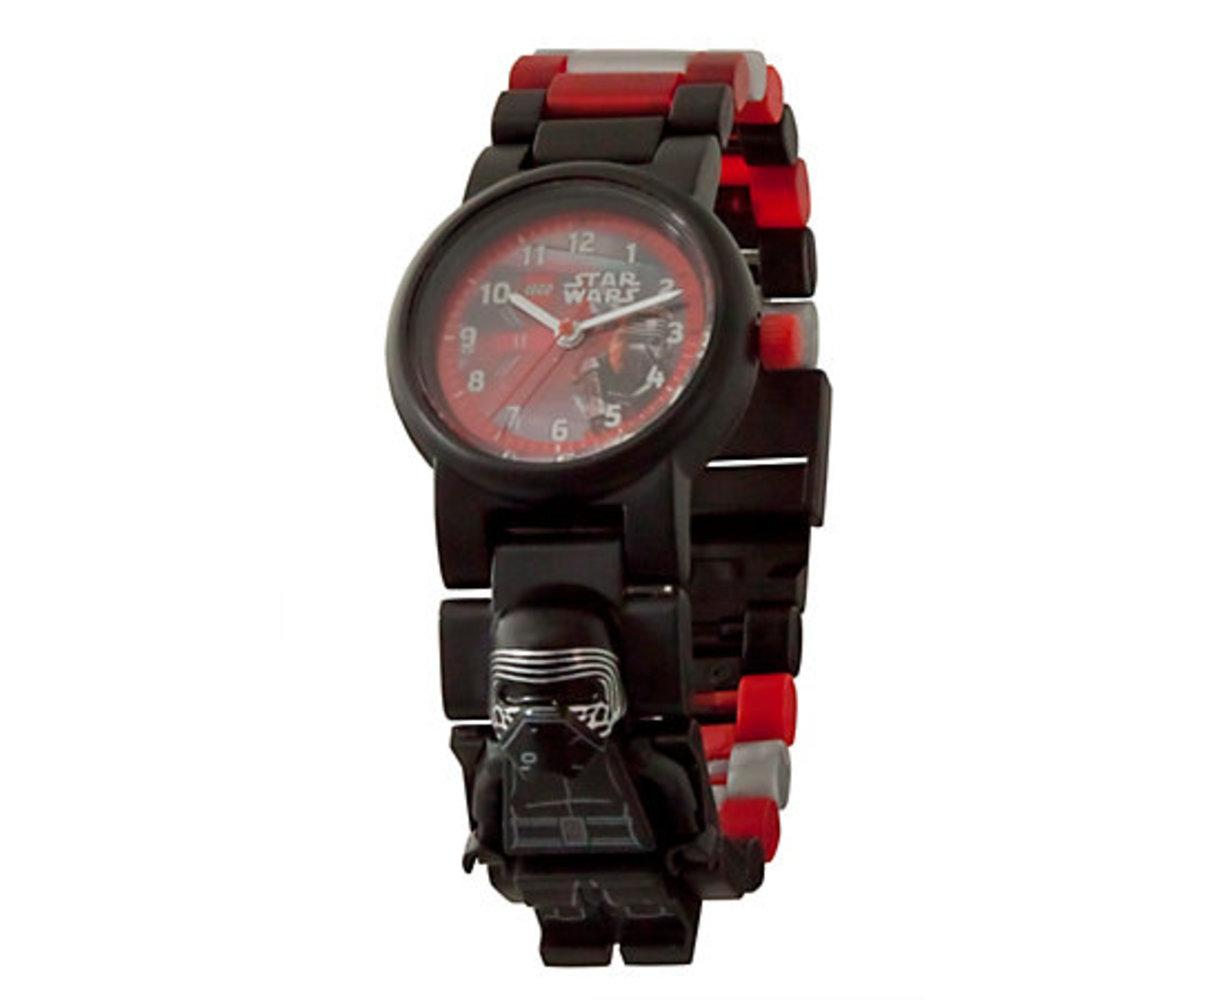 Kylo Ren Minifigure Link Watch